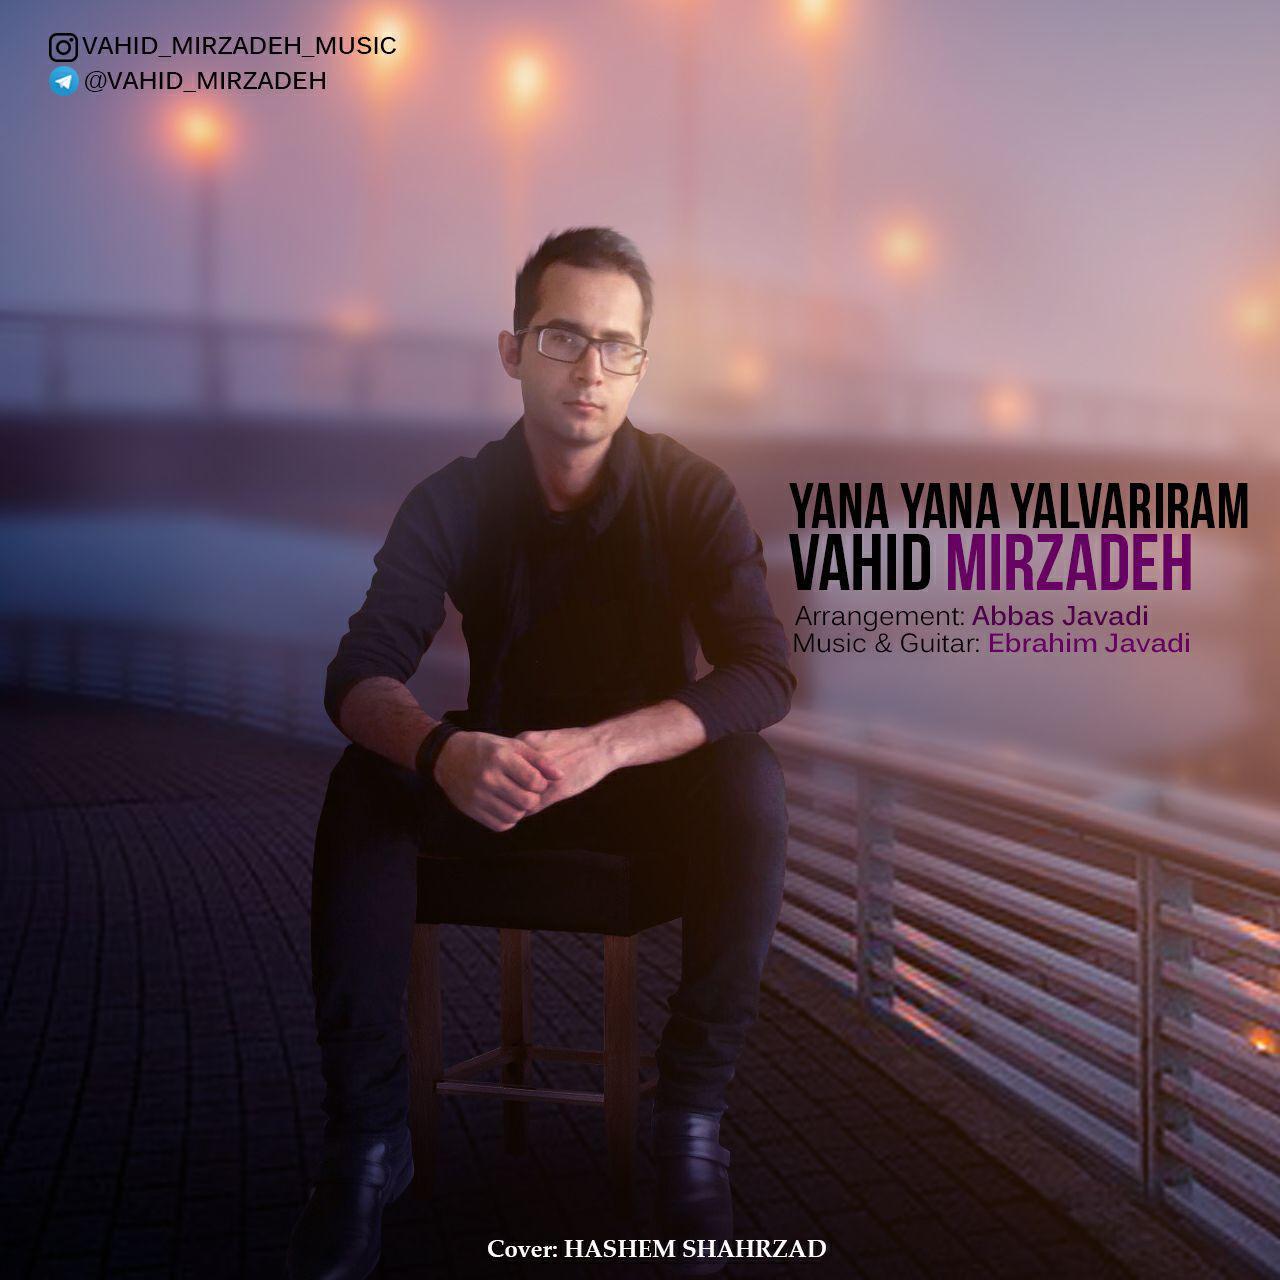 http://s8.picofile.com/file/8312779492/23Vahid_Mirzadeh_Yana_Yana_Yalvariram.jpg